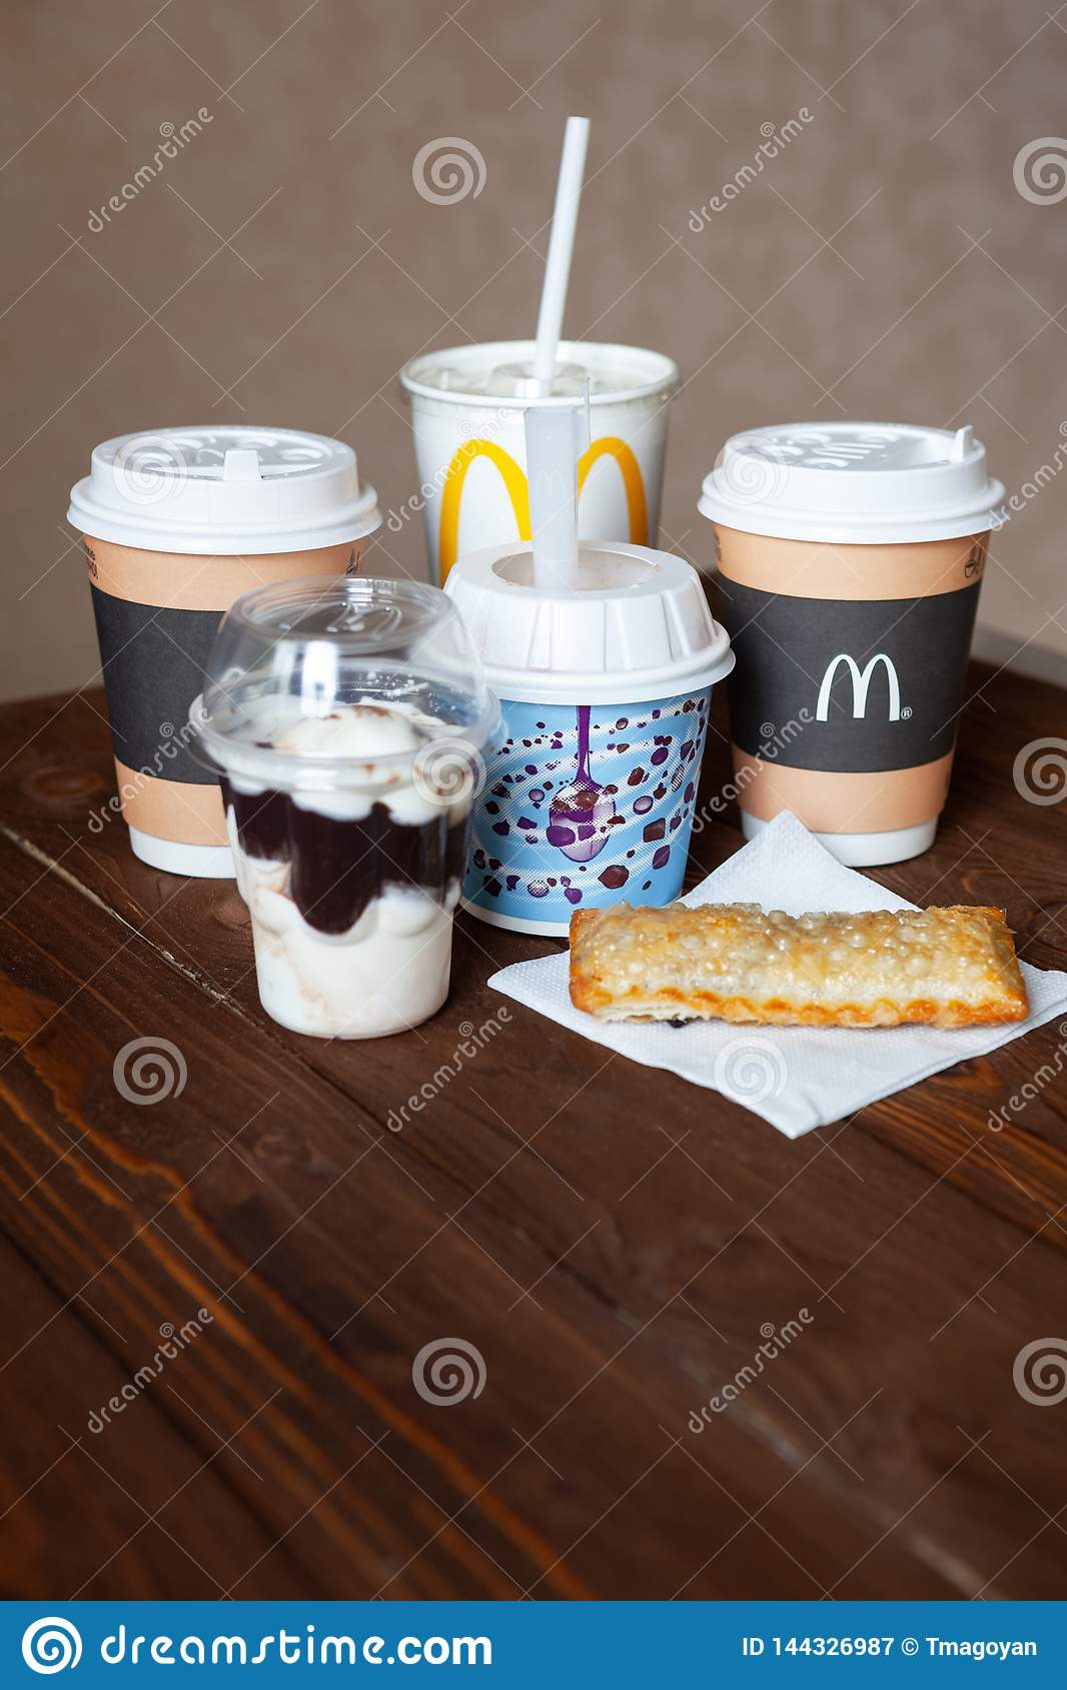 莫斯科,俄罗斯- 2019年4月06日:麦克唐纳食物交付 点心和热的饮料在木桌上 特写镜头 侧视图 垂直